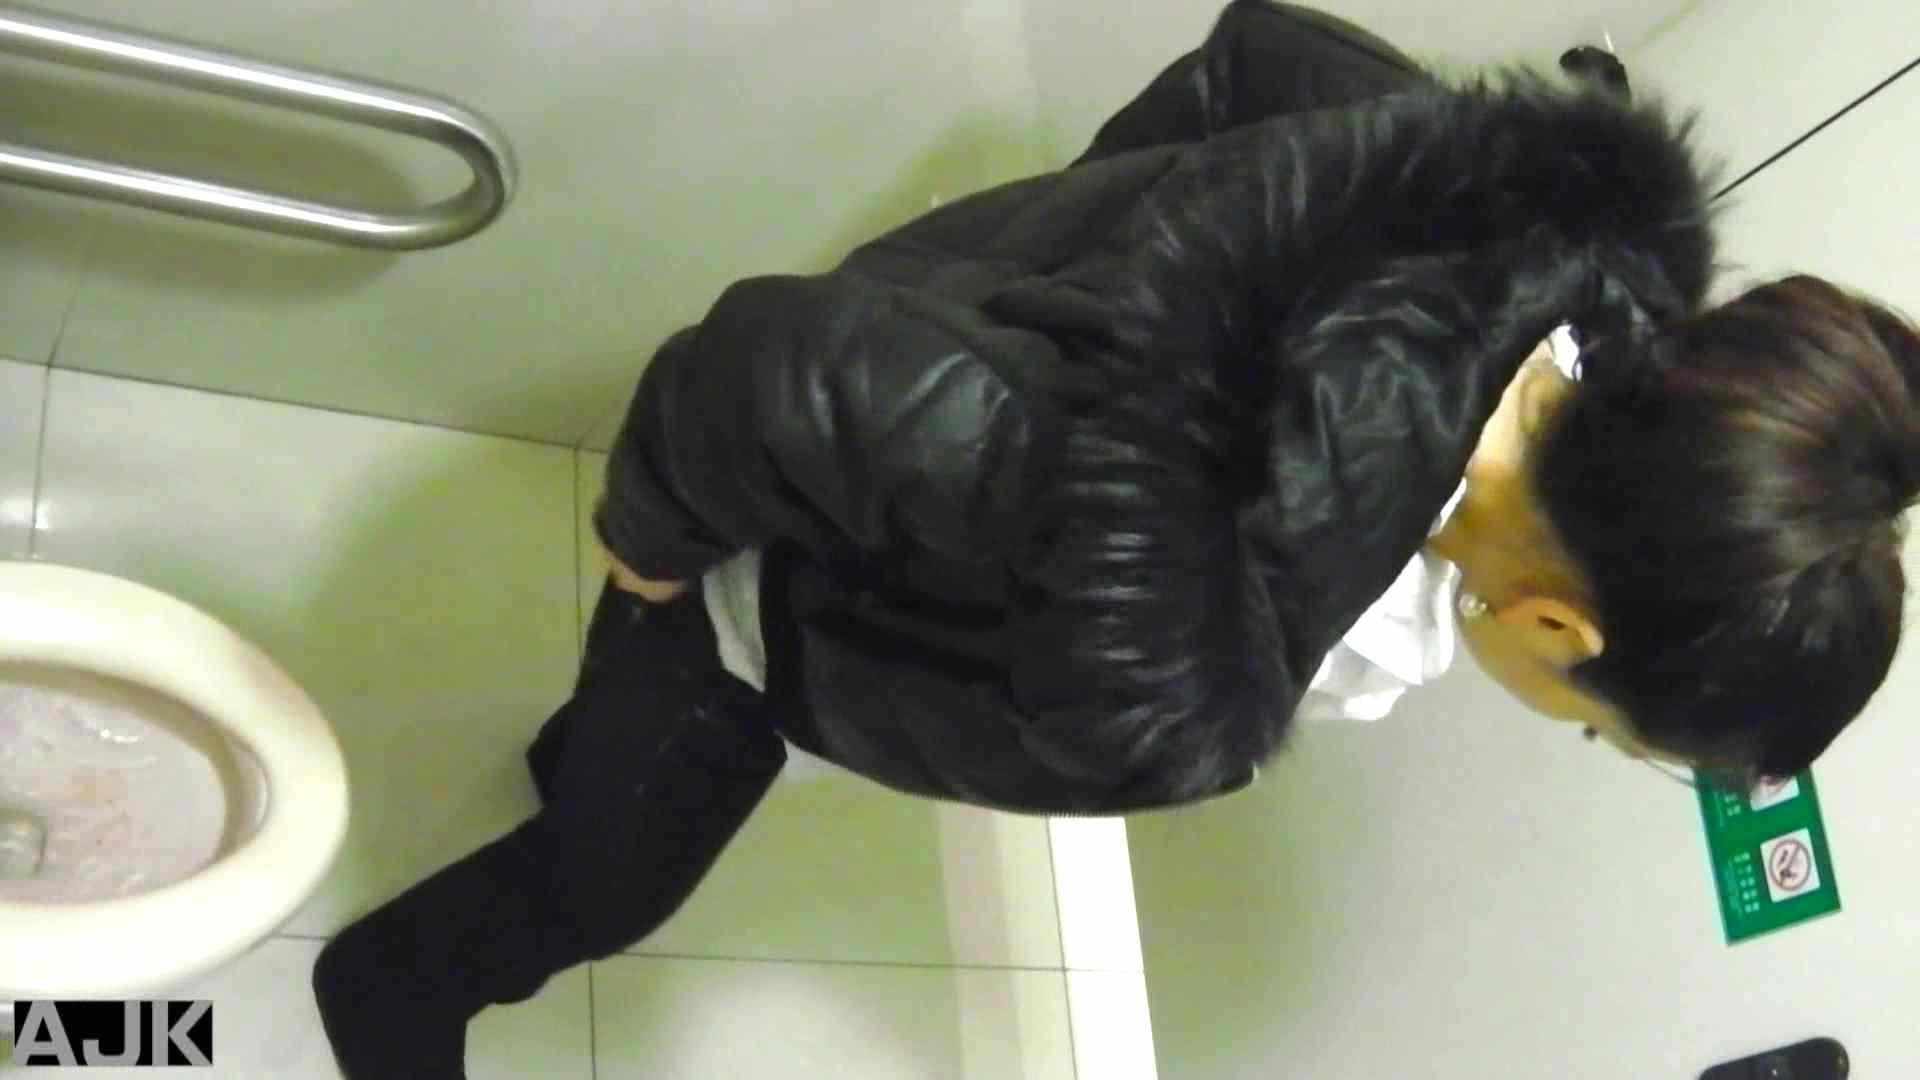 隣国上階級エリアの令嬢たちが集うデパートお手洗い Vol.19 美女 われめAV動画紹介 99枚 70